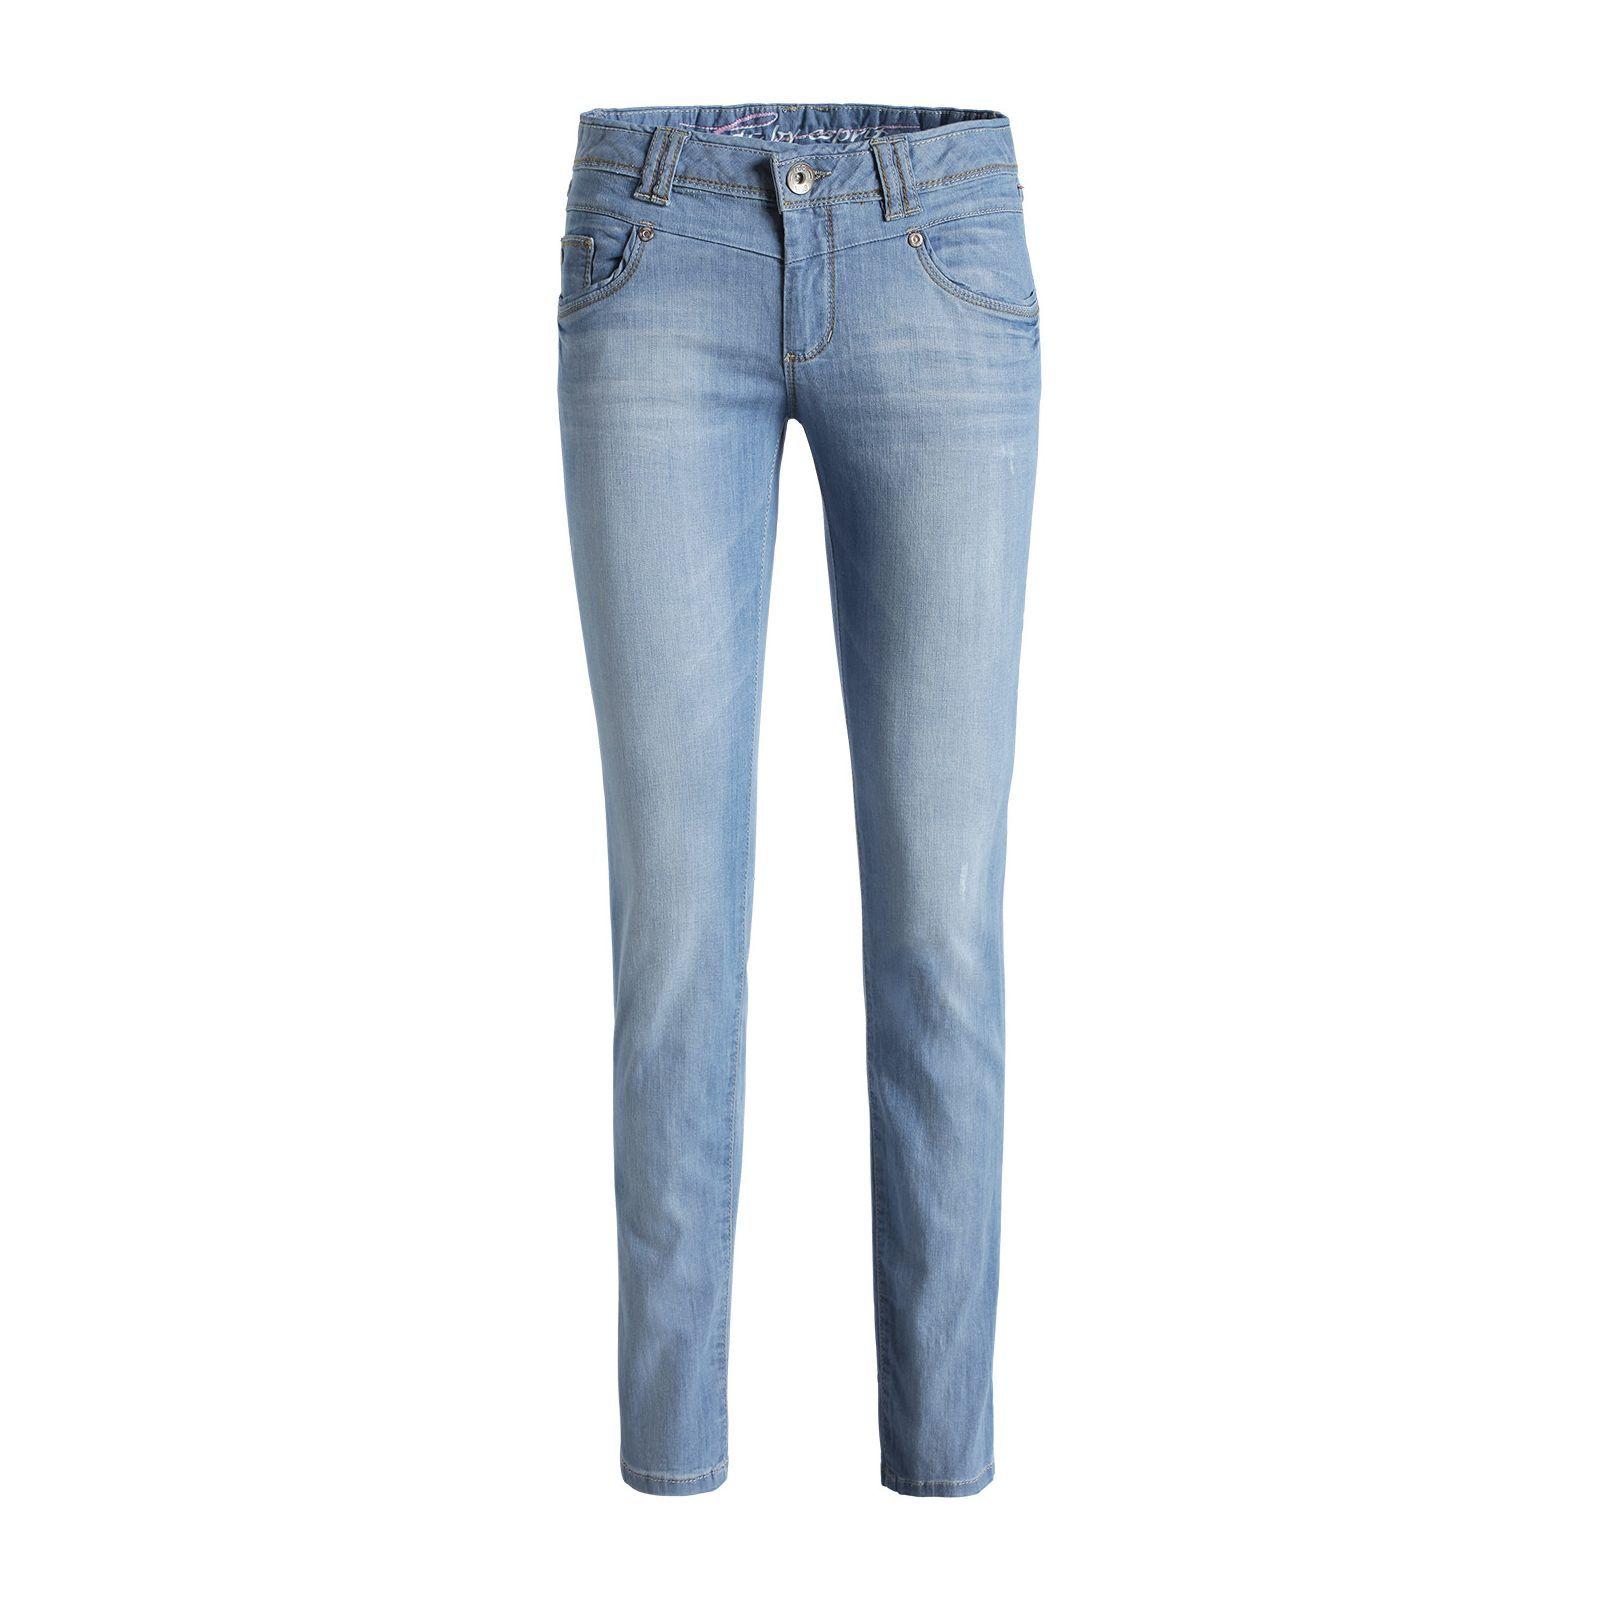 Leichte Stretch Used-Jeans von edc by Esprit